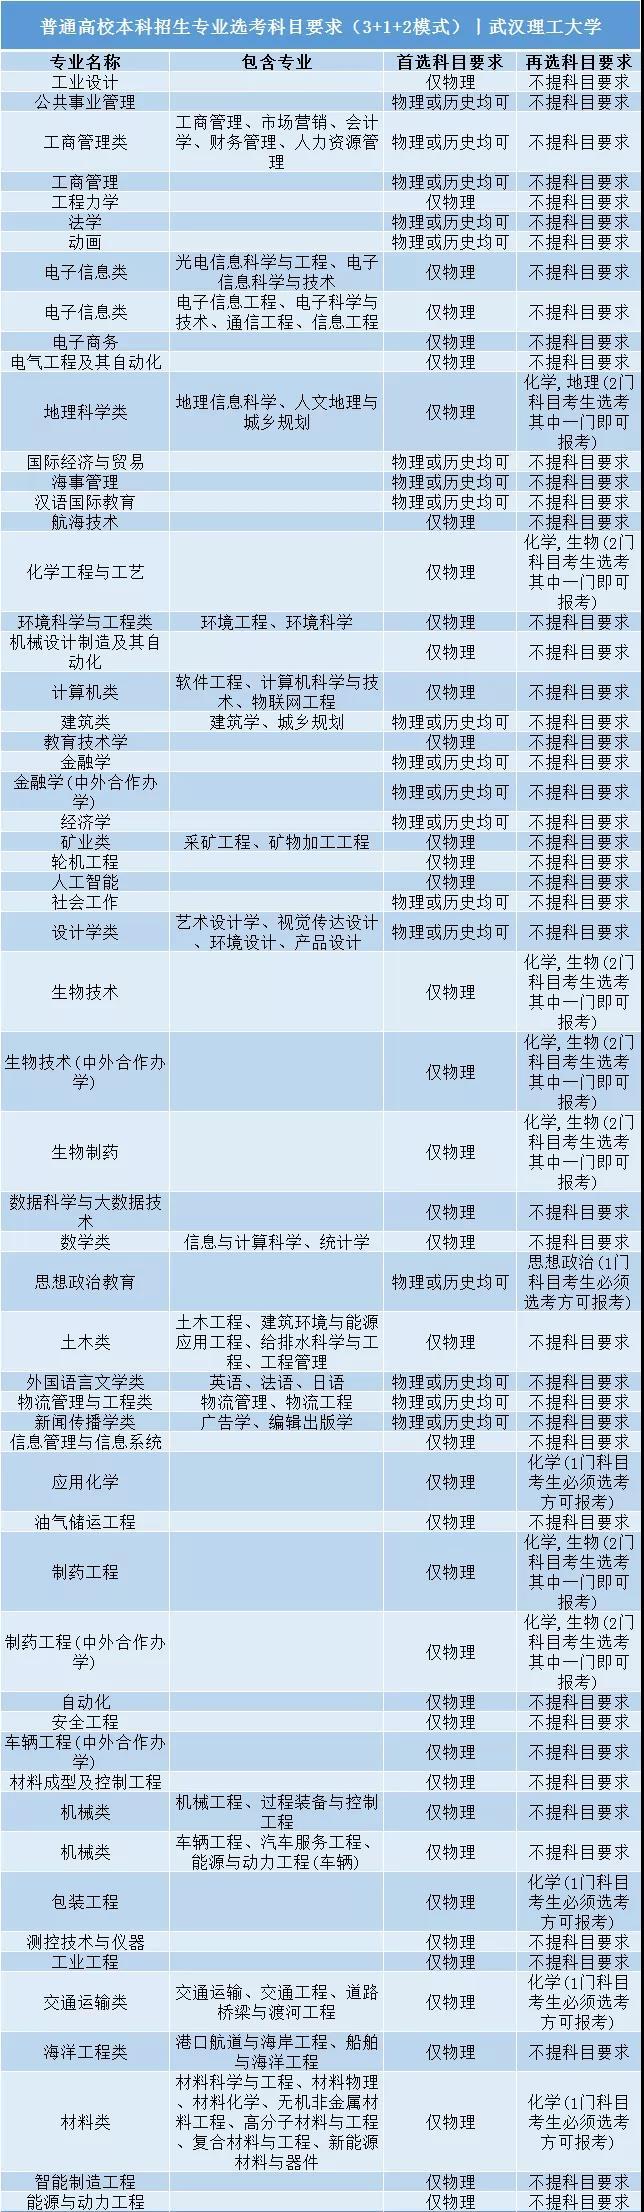 武汉理工大学普通高校本科招生专业选考科目要求3+1+2模式